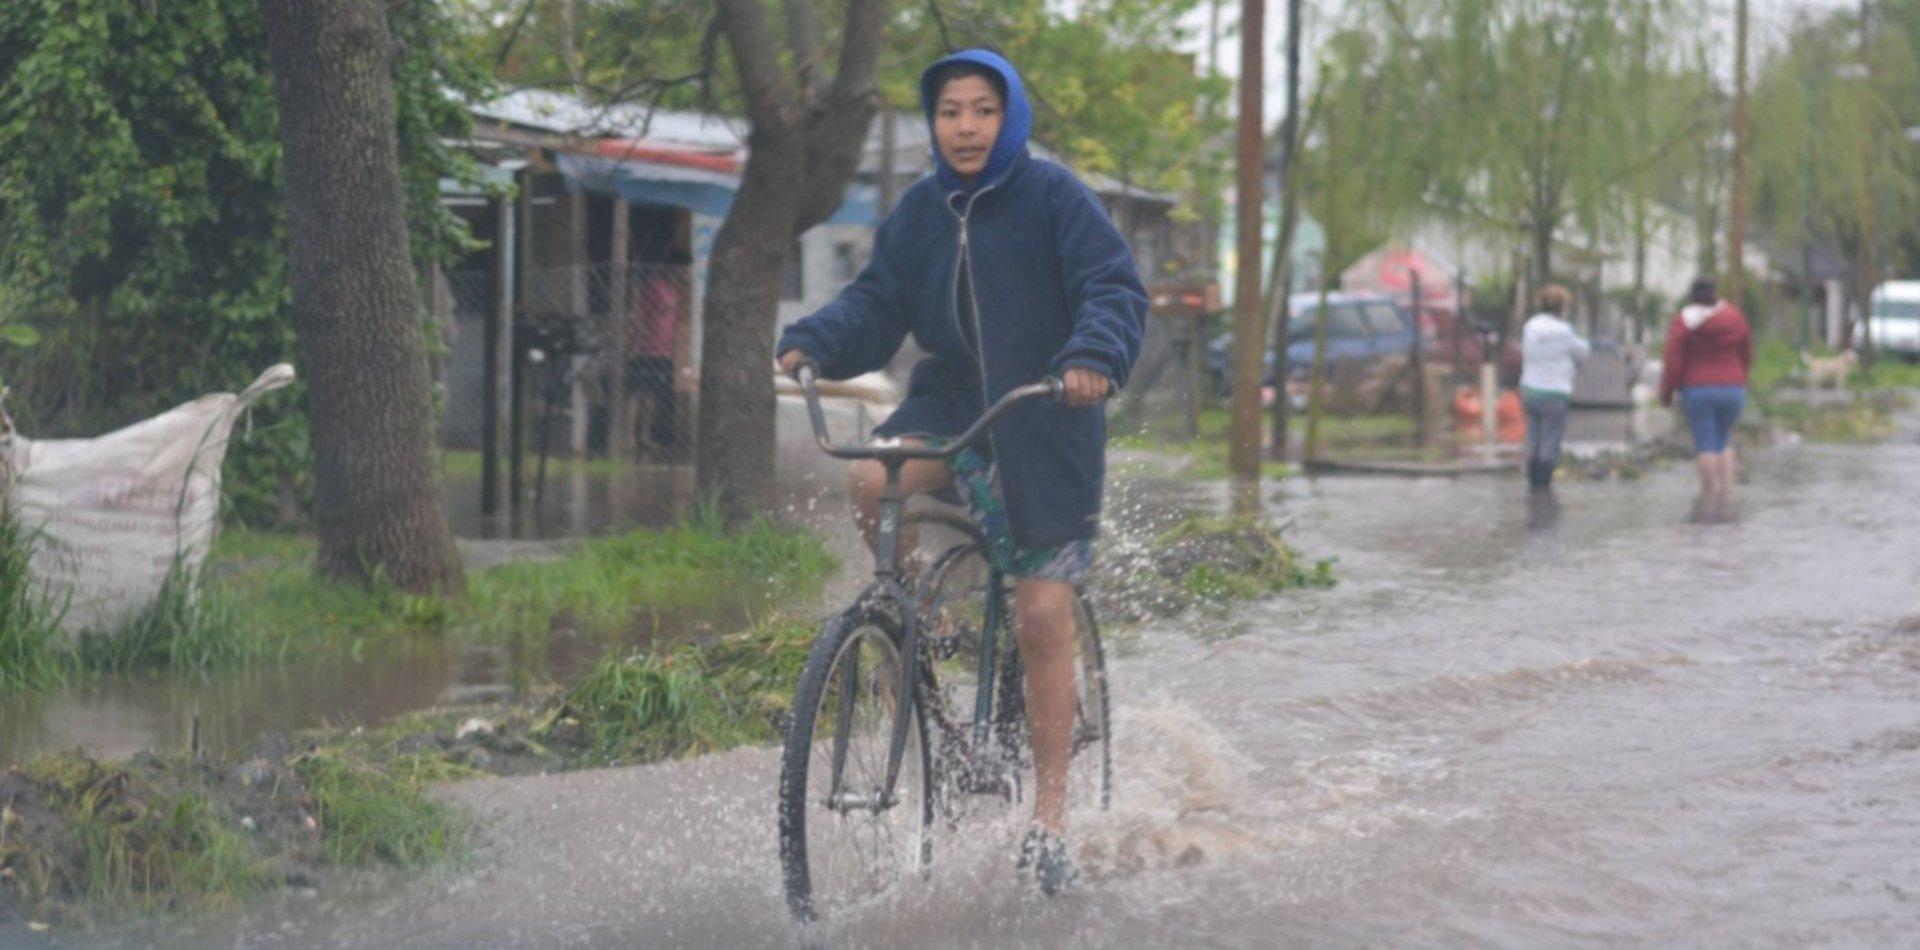 La zona sur, Villa Elisa y Villa Castells, los rincones más golpeados por las lluvias